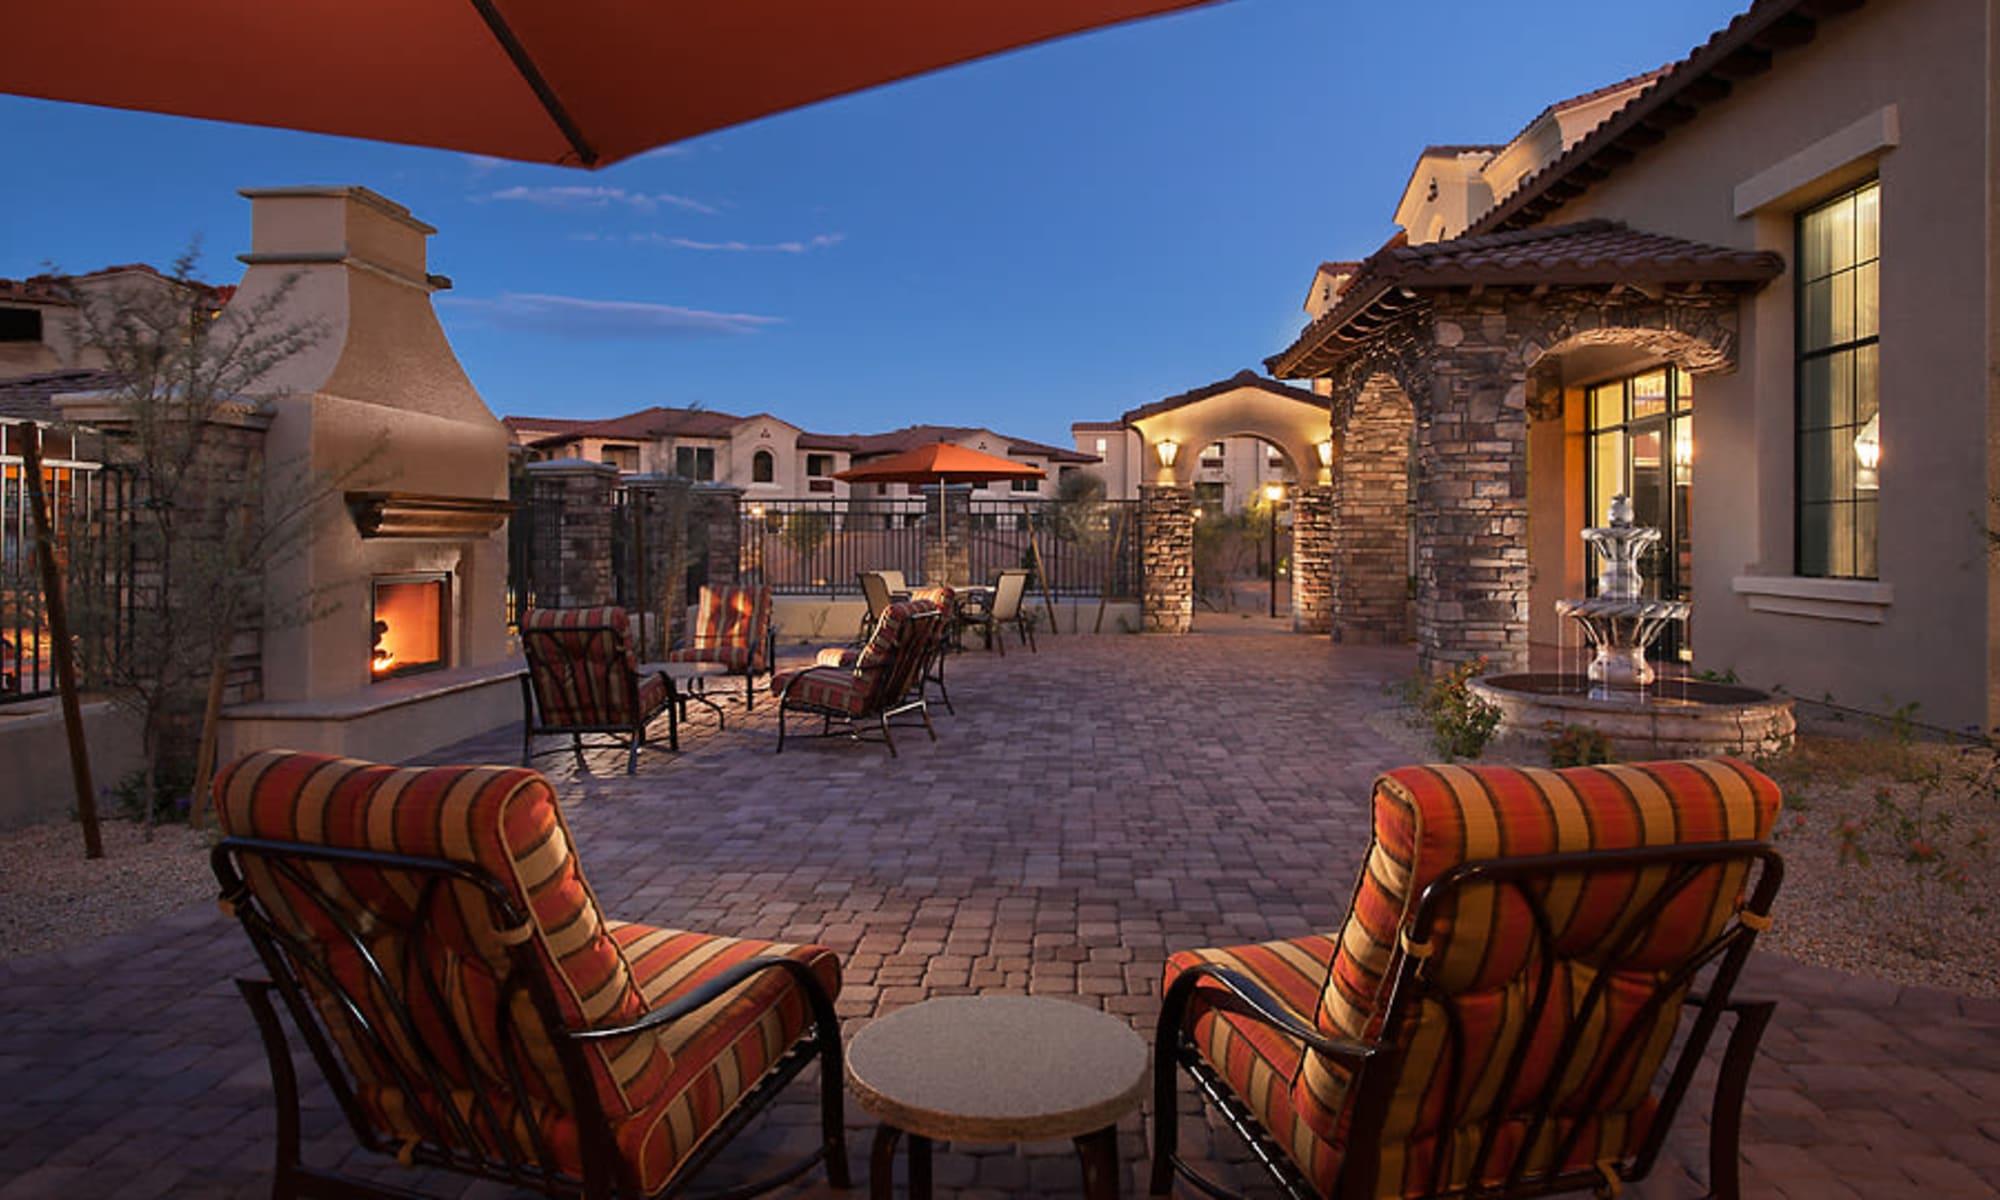 San Norterra apartments in Phoenix, Arizona